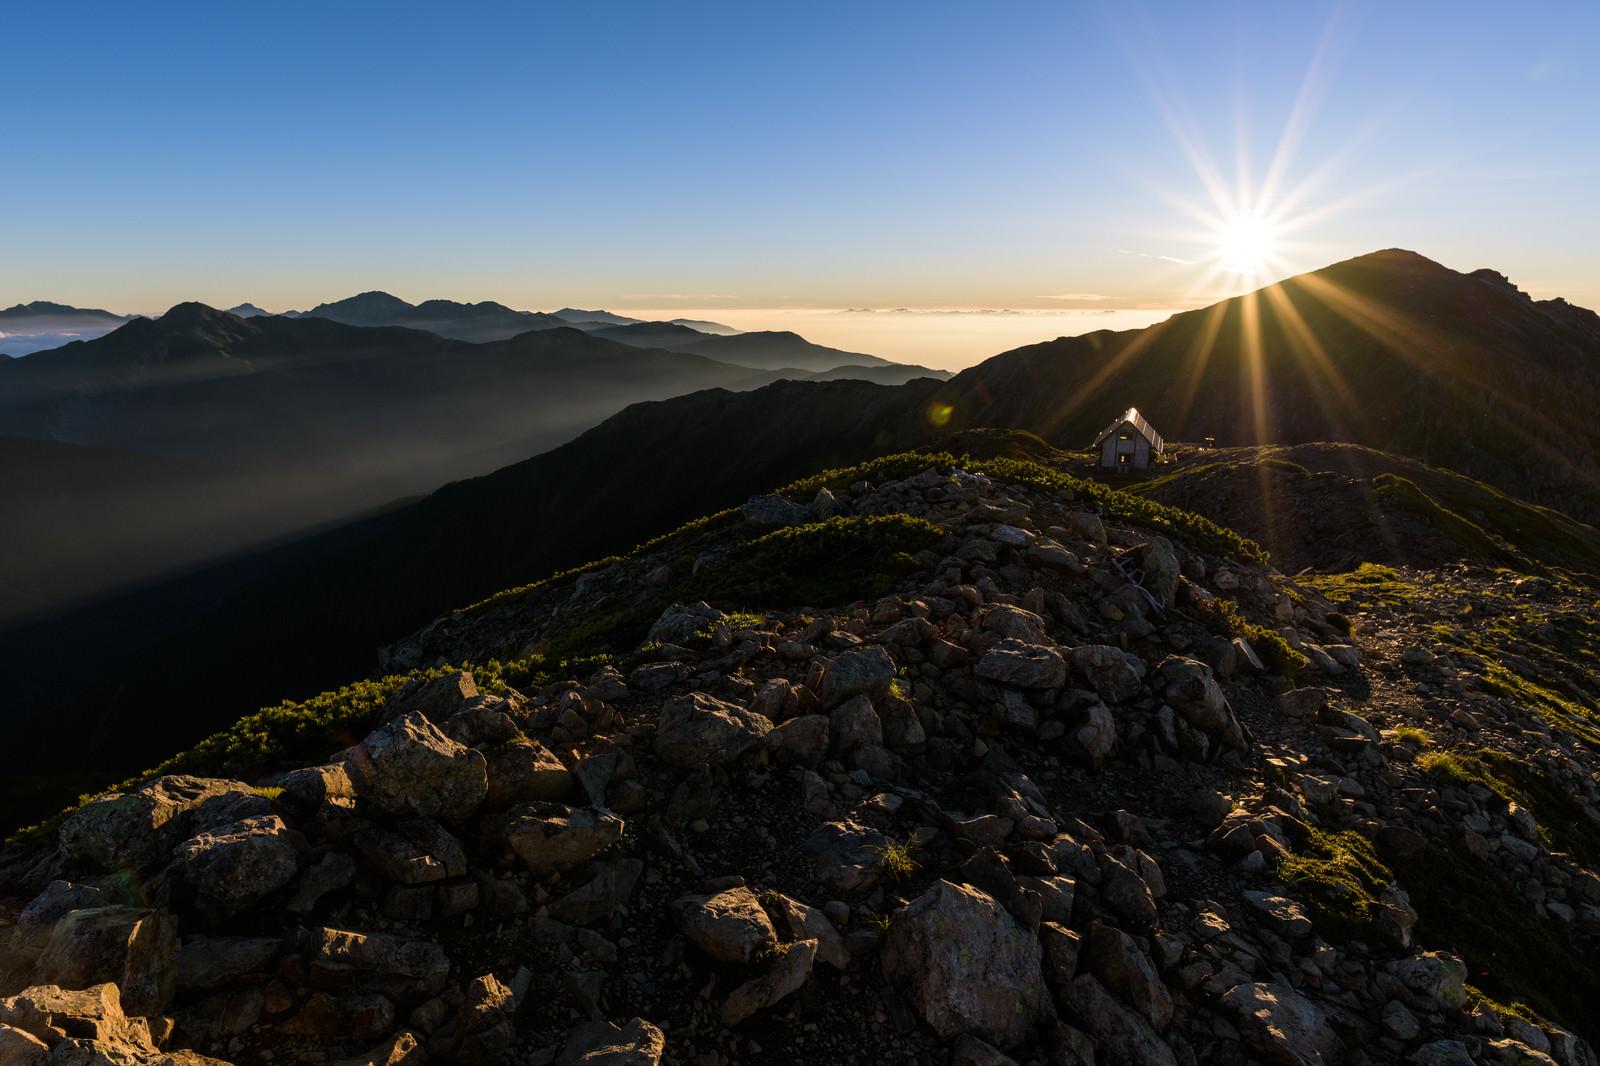 「朝日を受ける悪沢岳と南アルプス北部」の写真